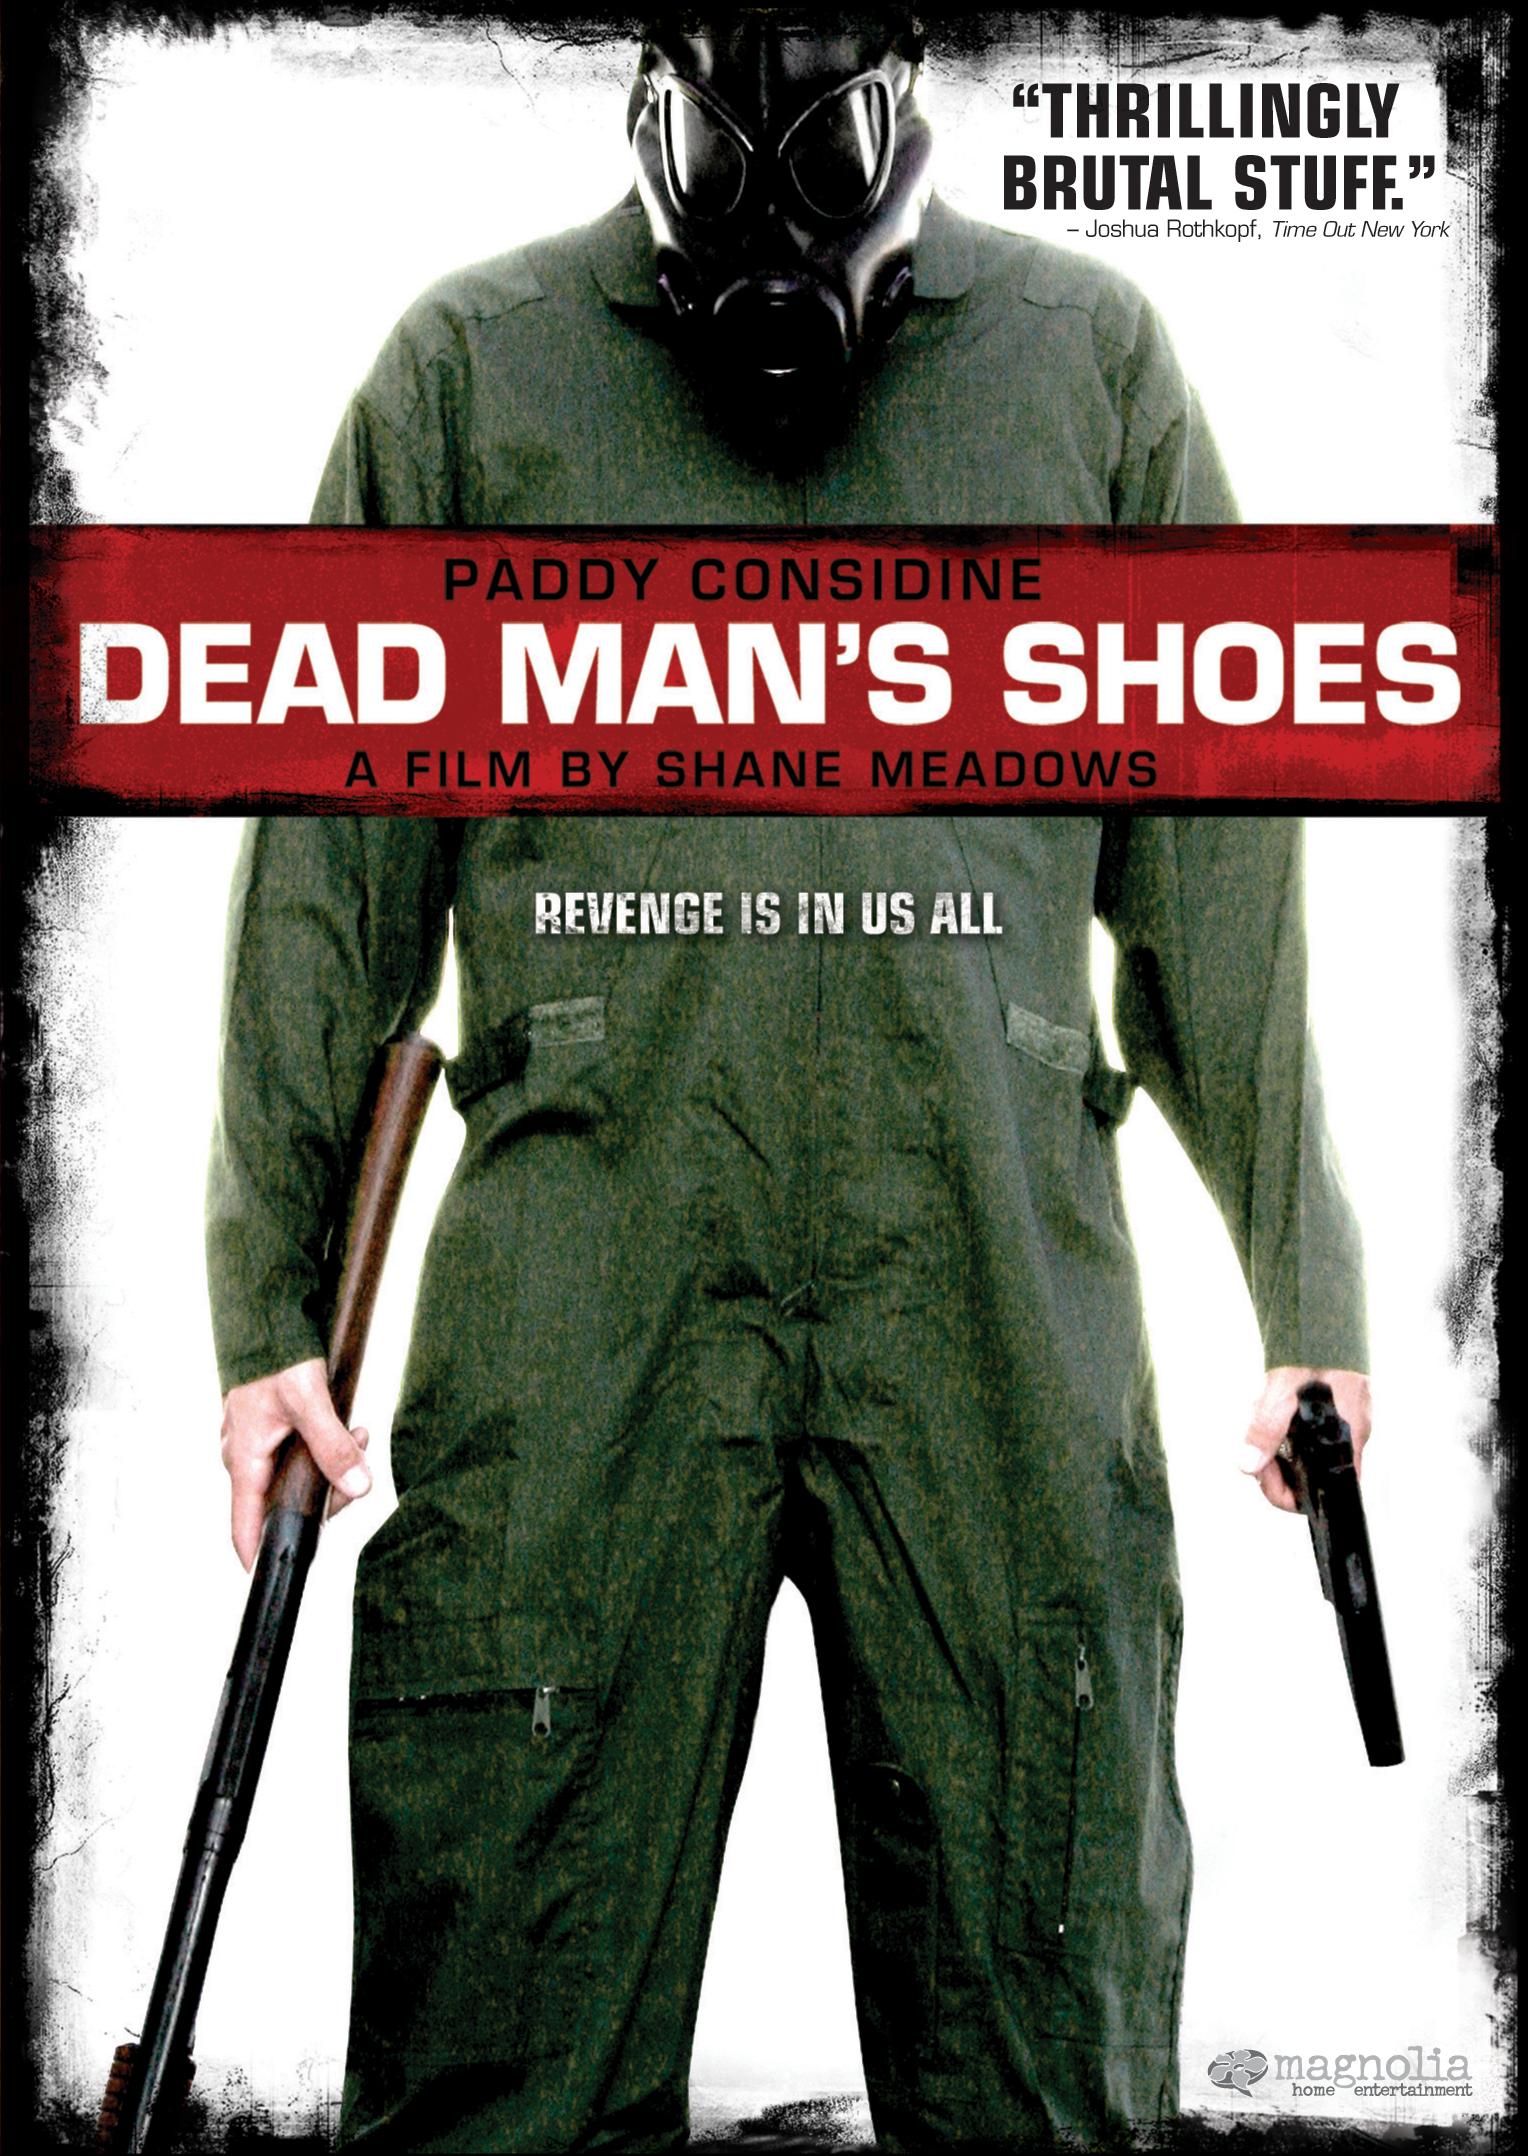 DeadMan'sShoesFrontRGB.jpg